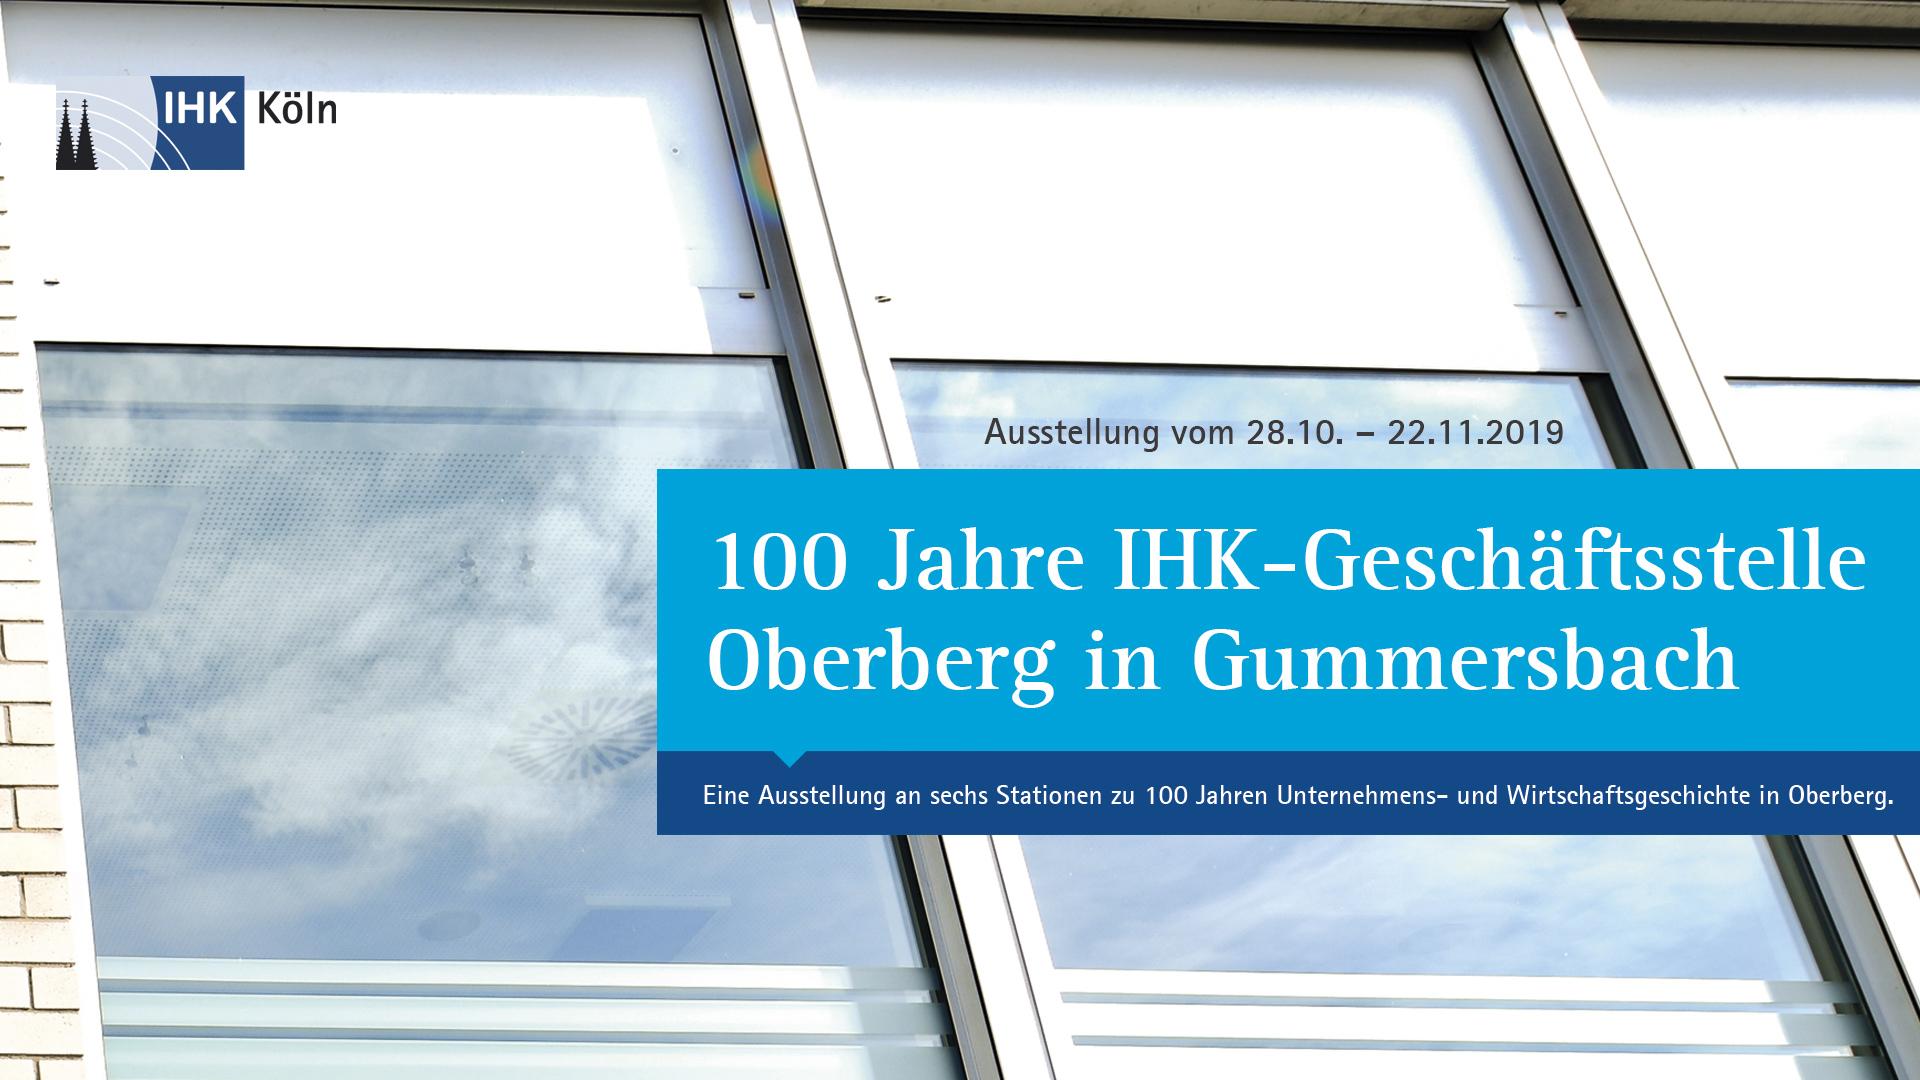 IHK Köln | 100 Jahre in Gummersbach